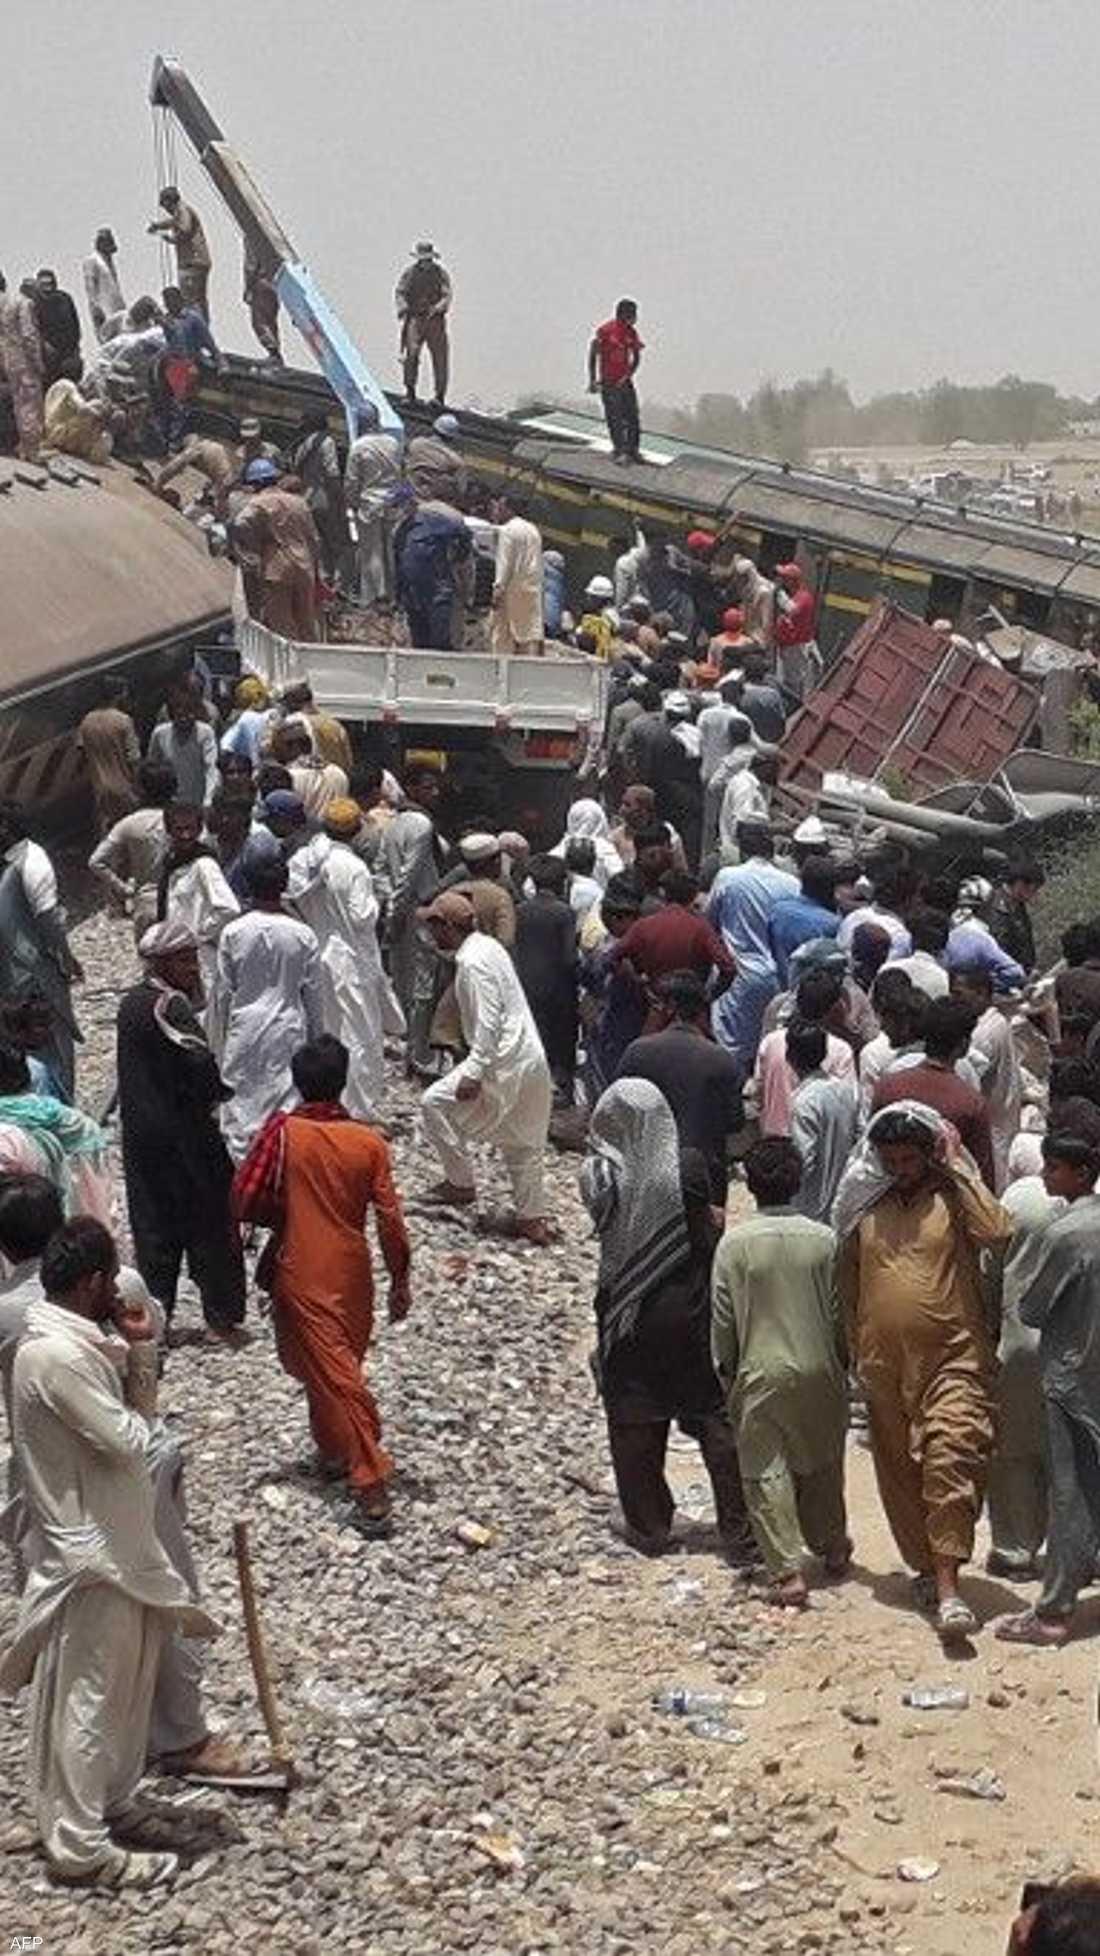 أصيب في الحادث أكثر من 100 شخص